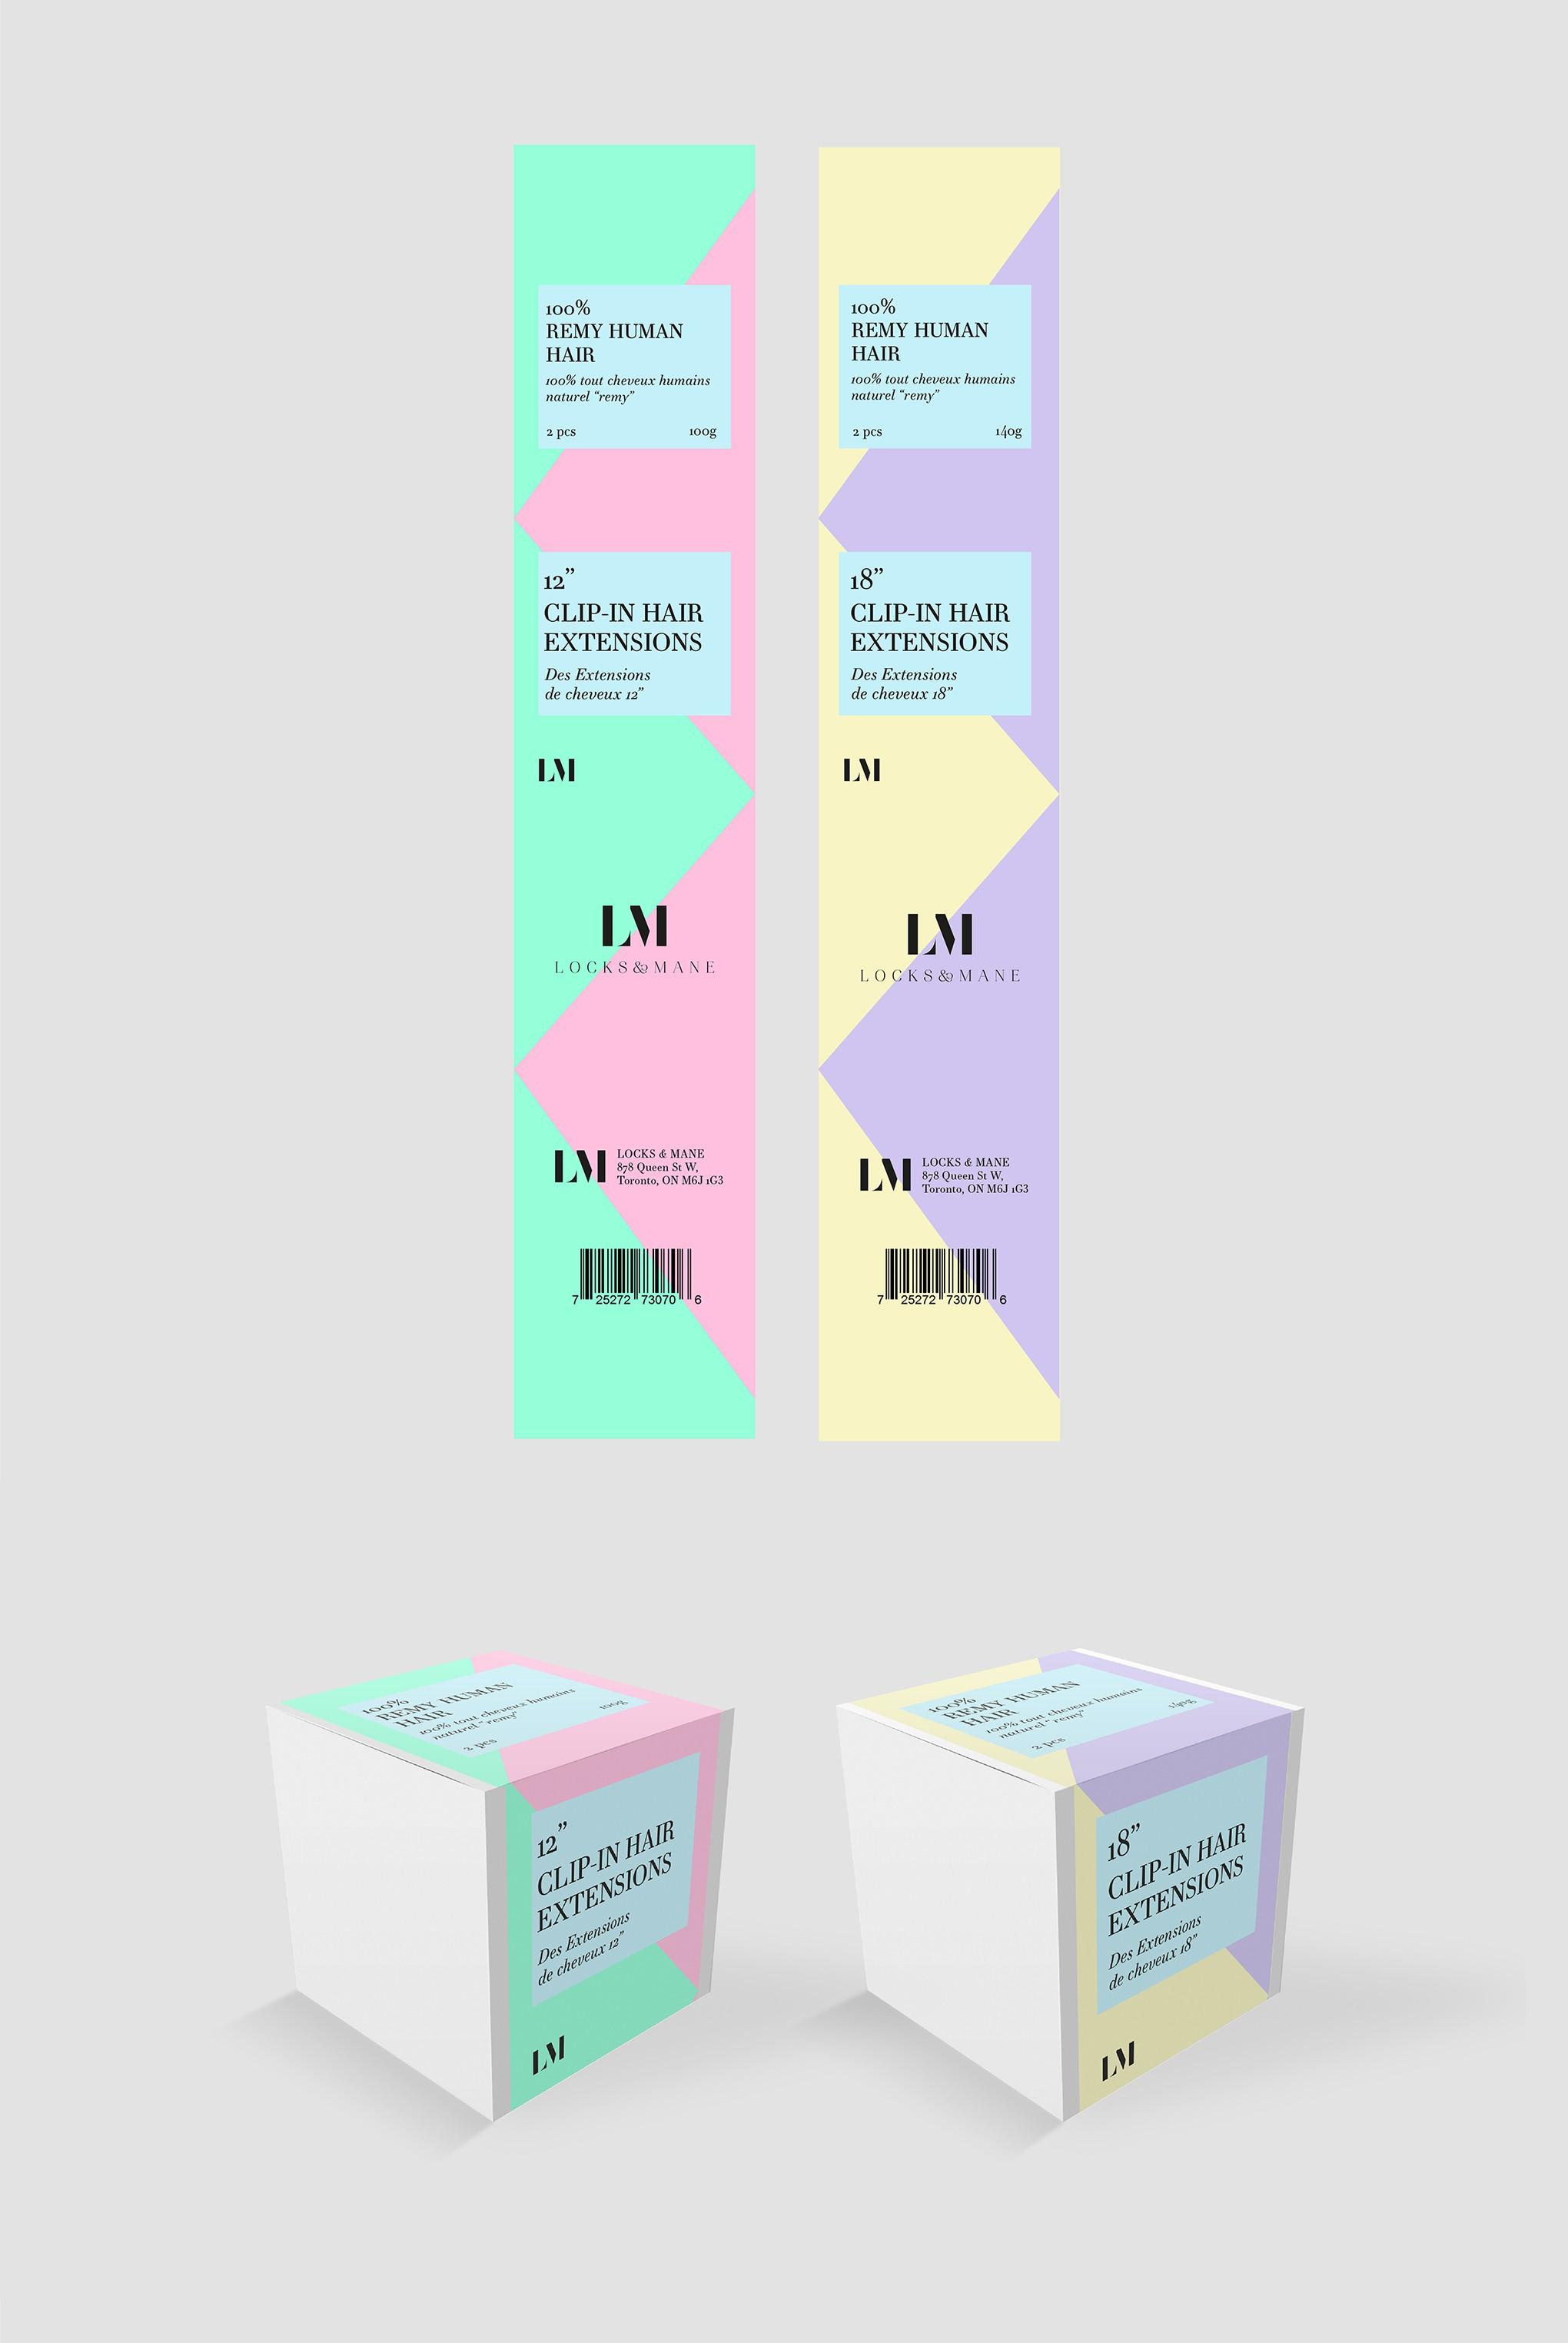 Locks & Mane Packaging